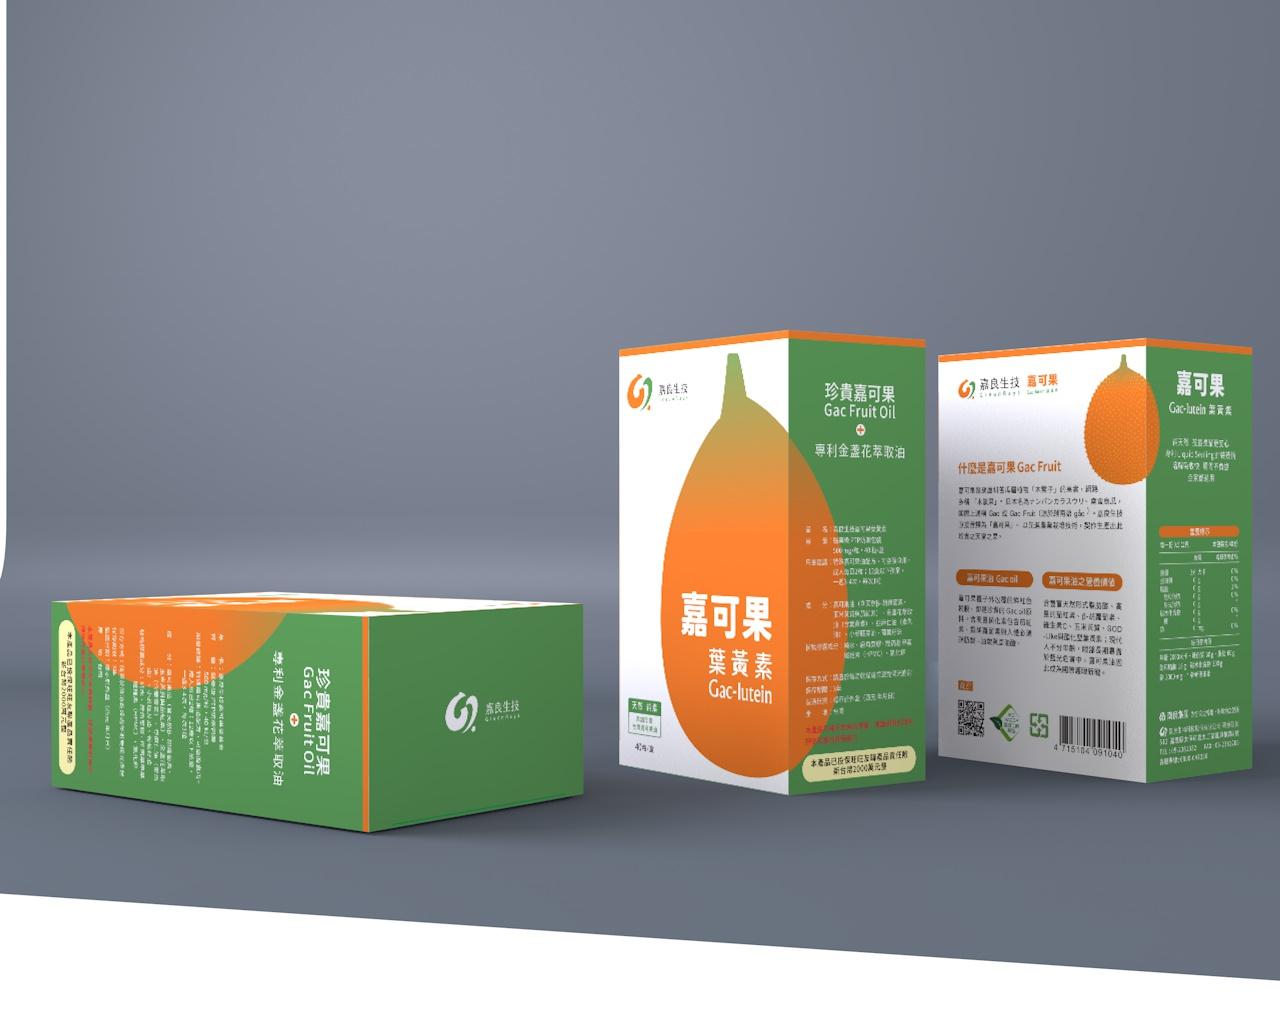 嘉良生技 / 嘉可果葉黃素包裝